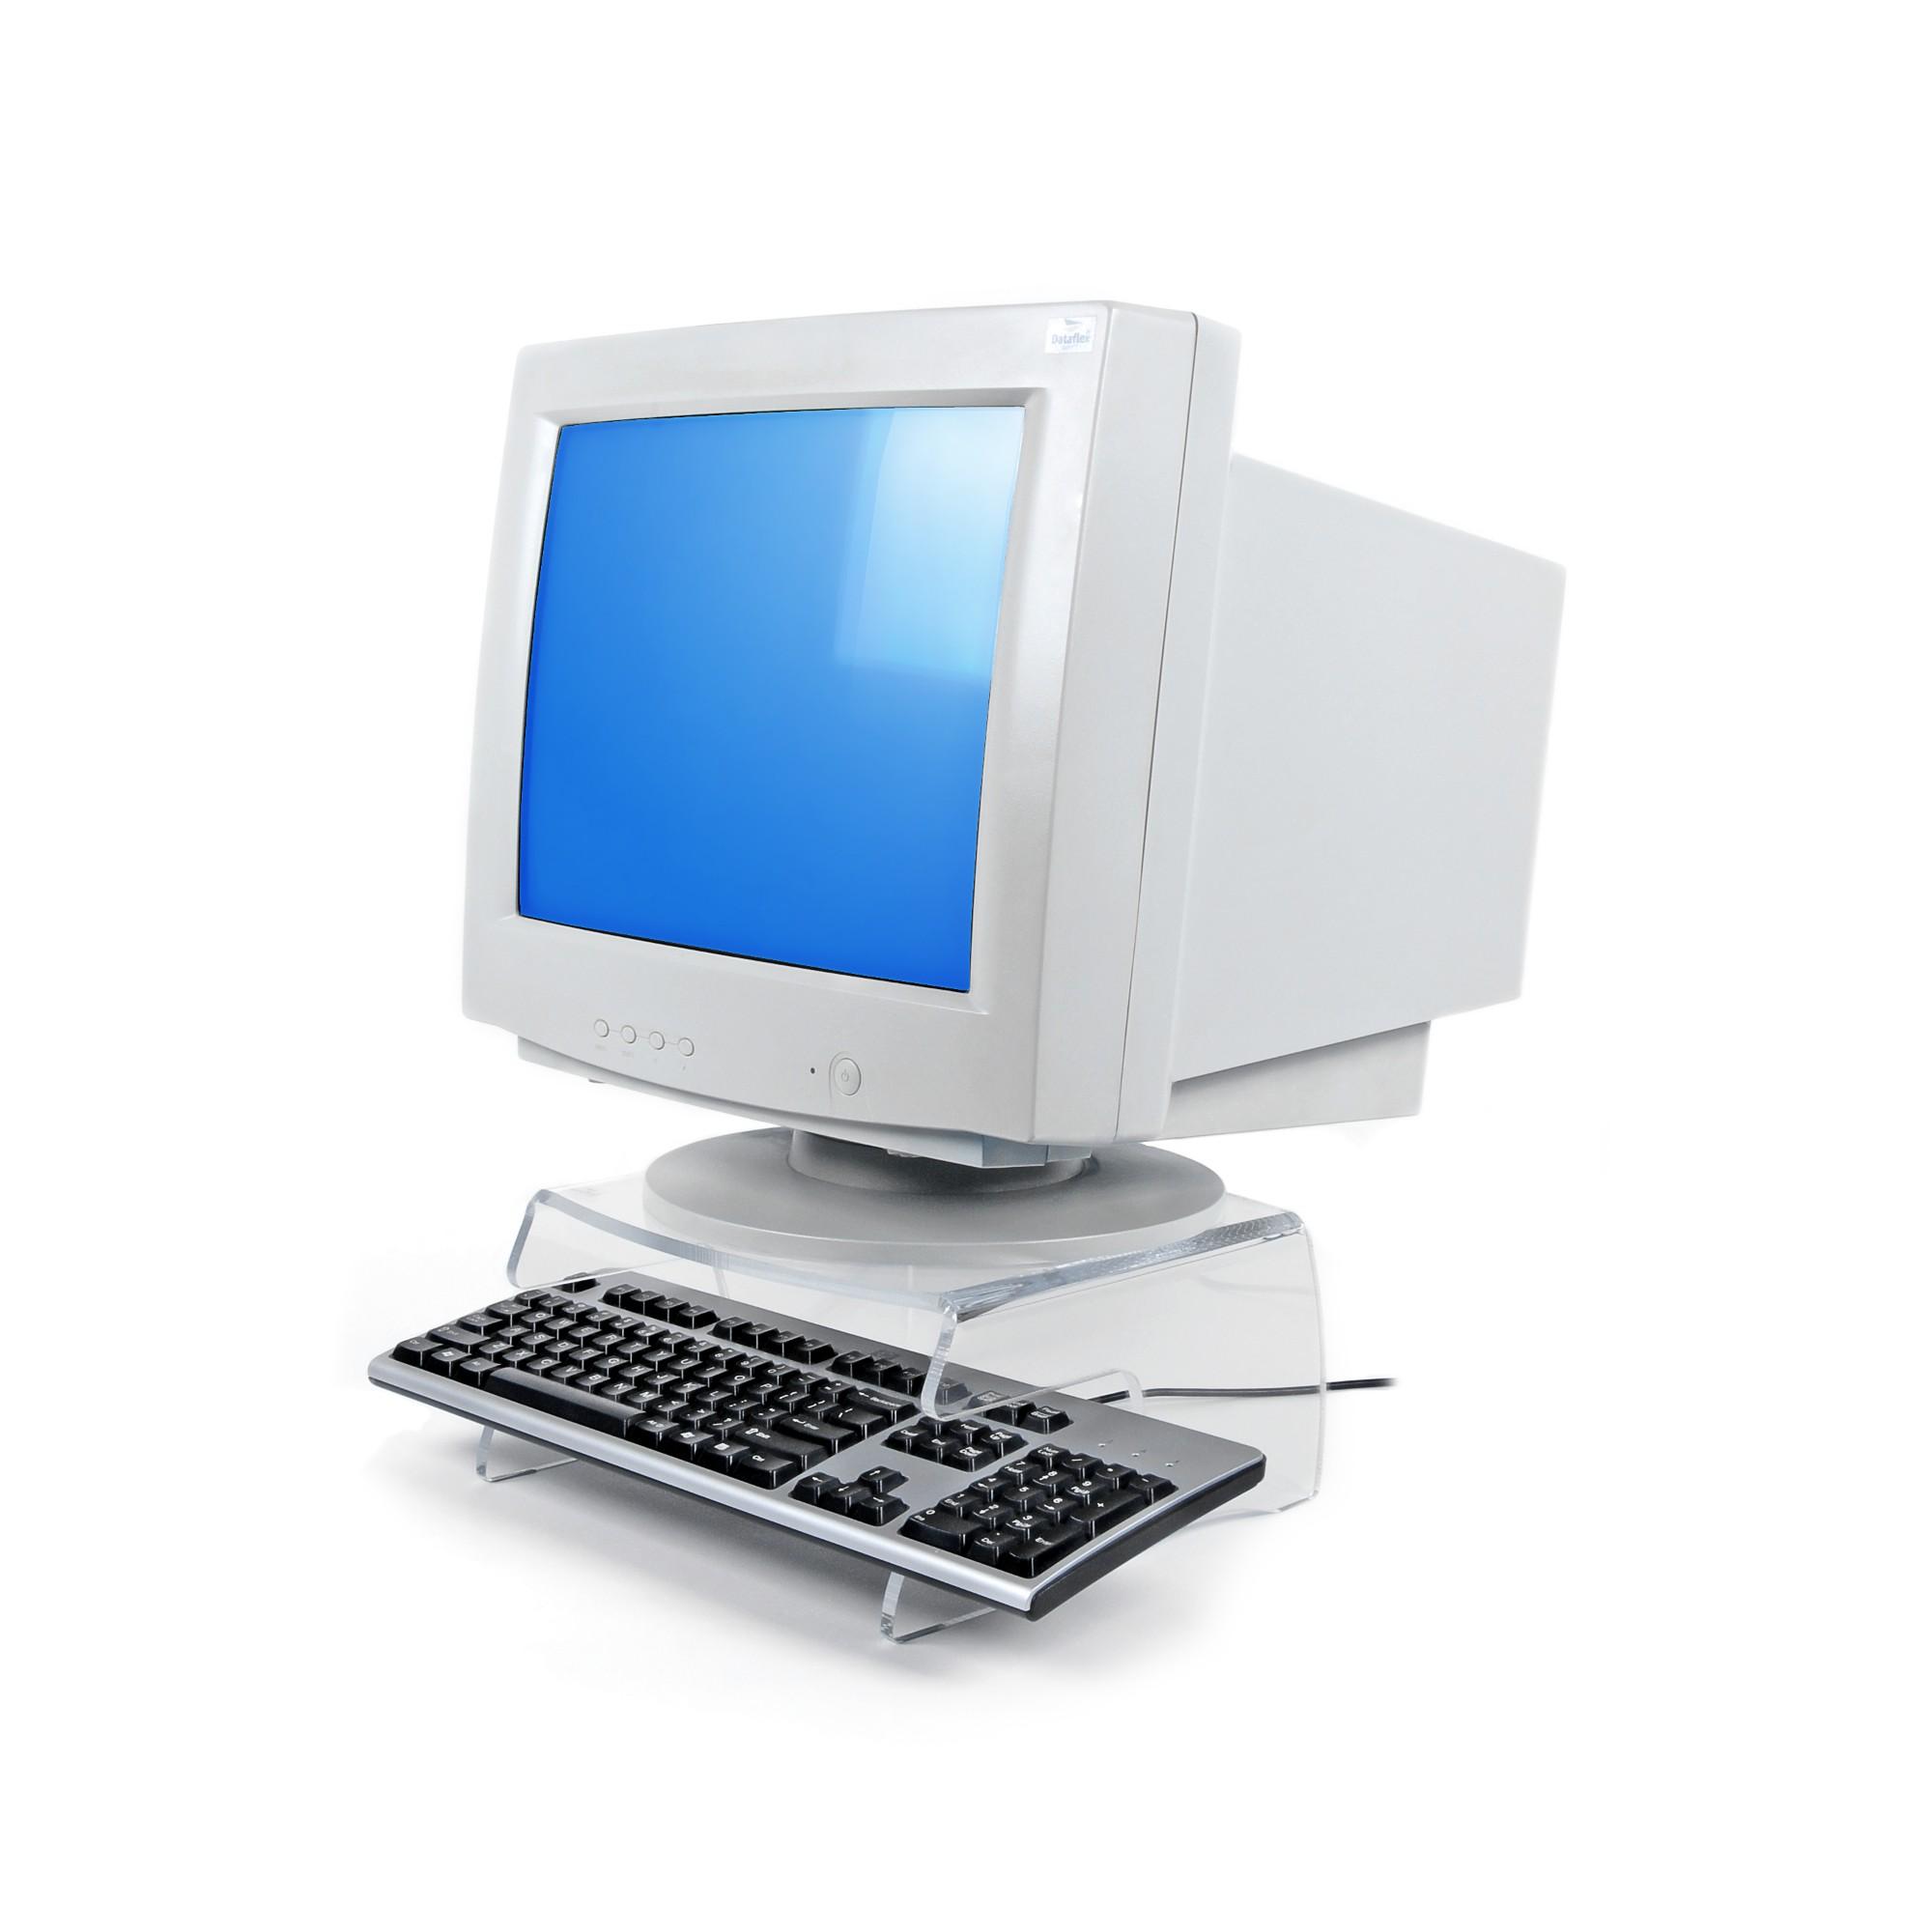 Dataflex Addit monitorverhoger 100